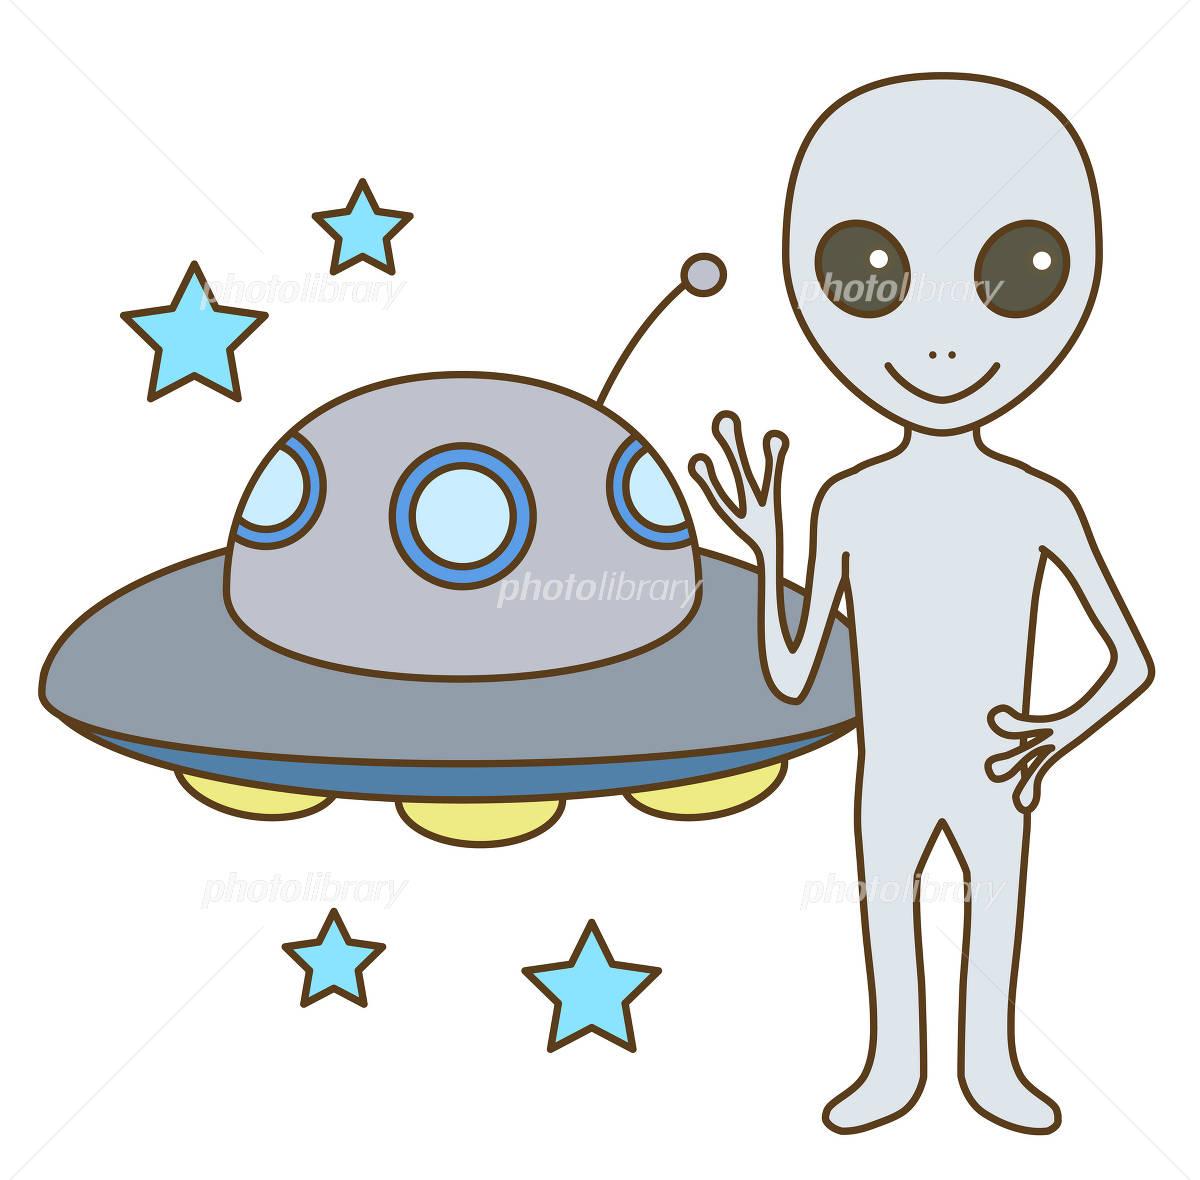 宇宙人と宇宙船 イラスト素材 3292818 フォトライブラリー